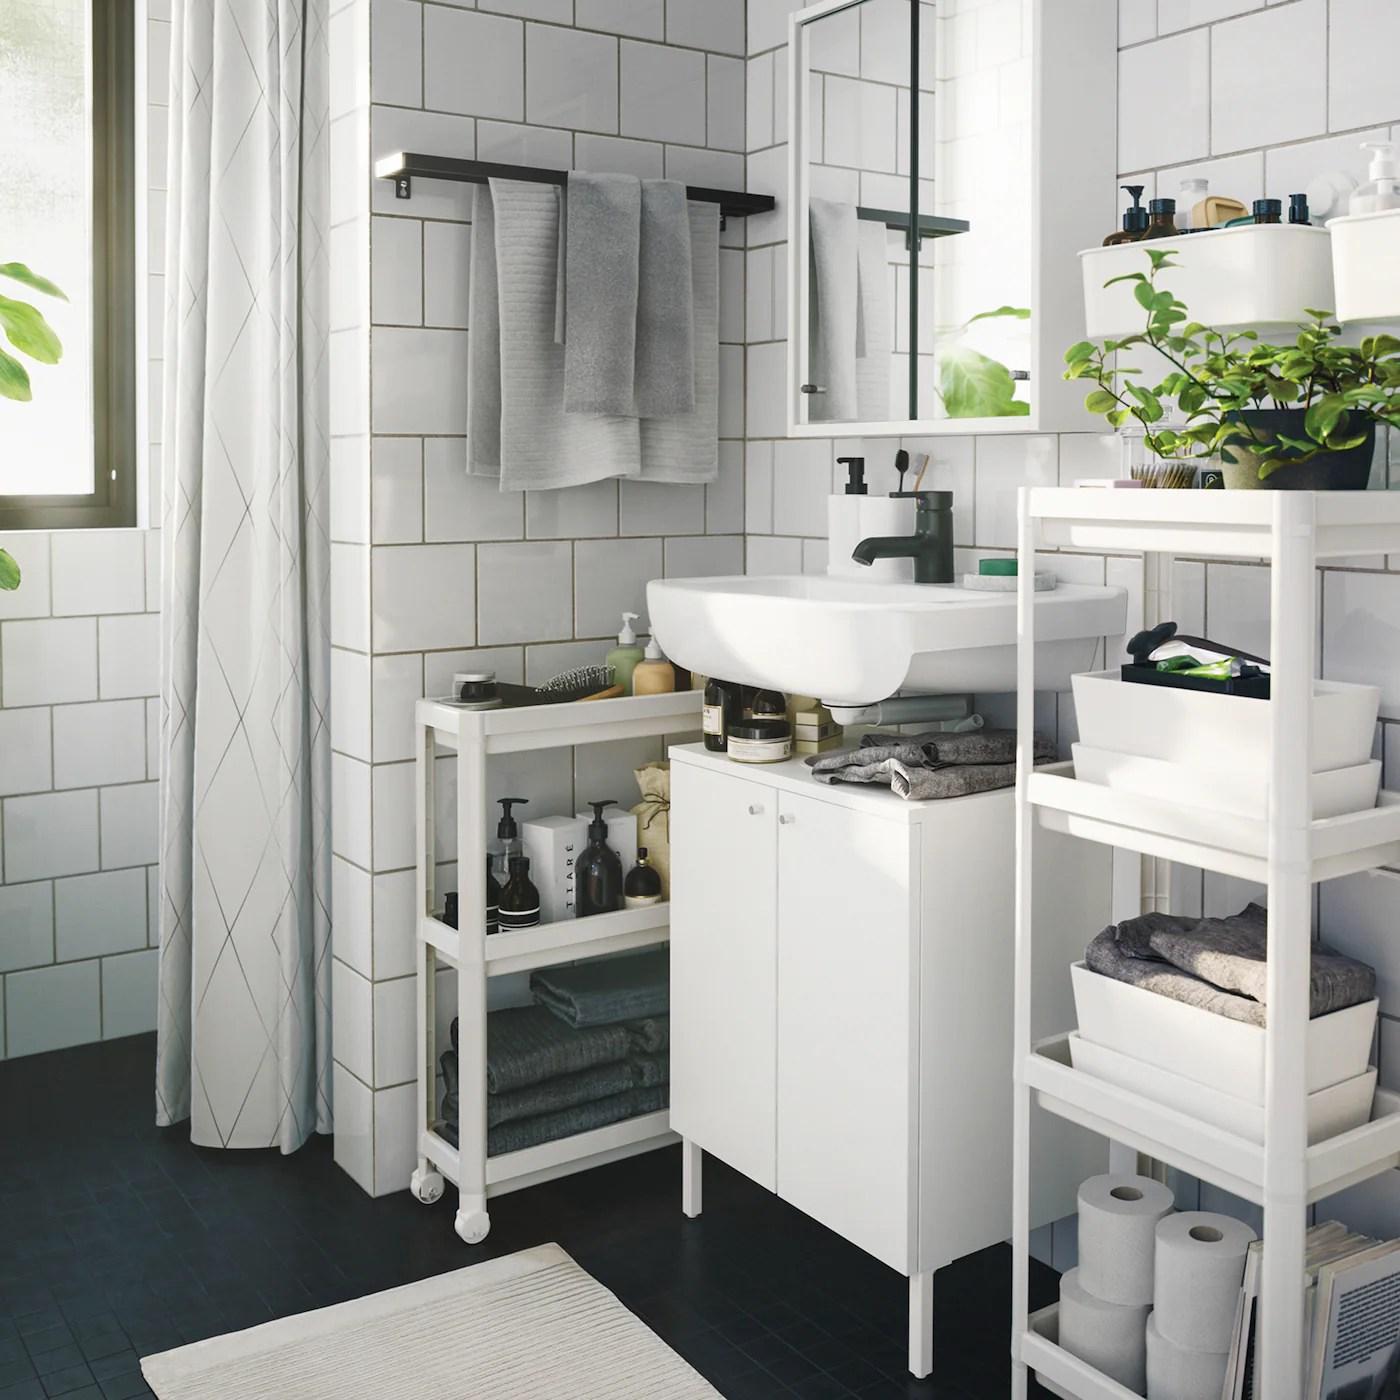 21,39 €   mobile bagno e pensile ikea: Arredamento Per Il Bagno Idee E Soluzioni Ikea It